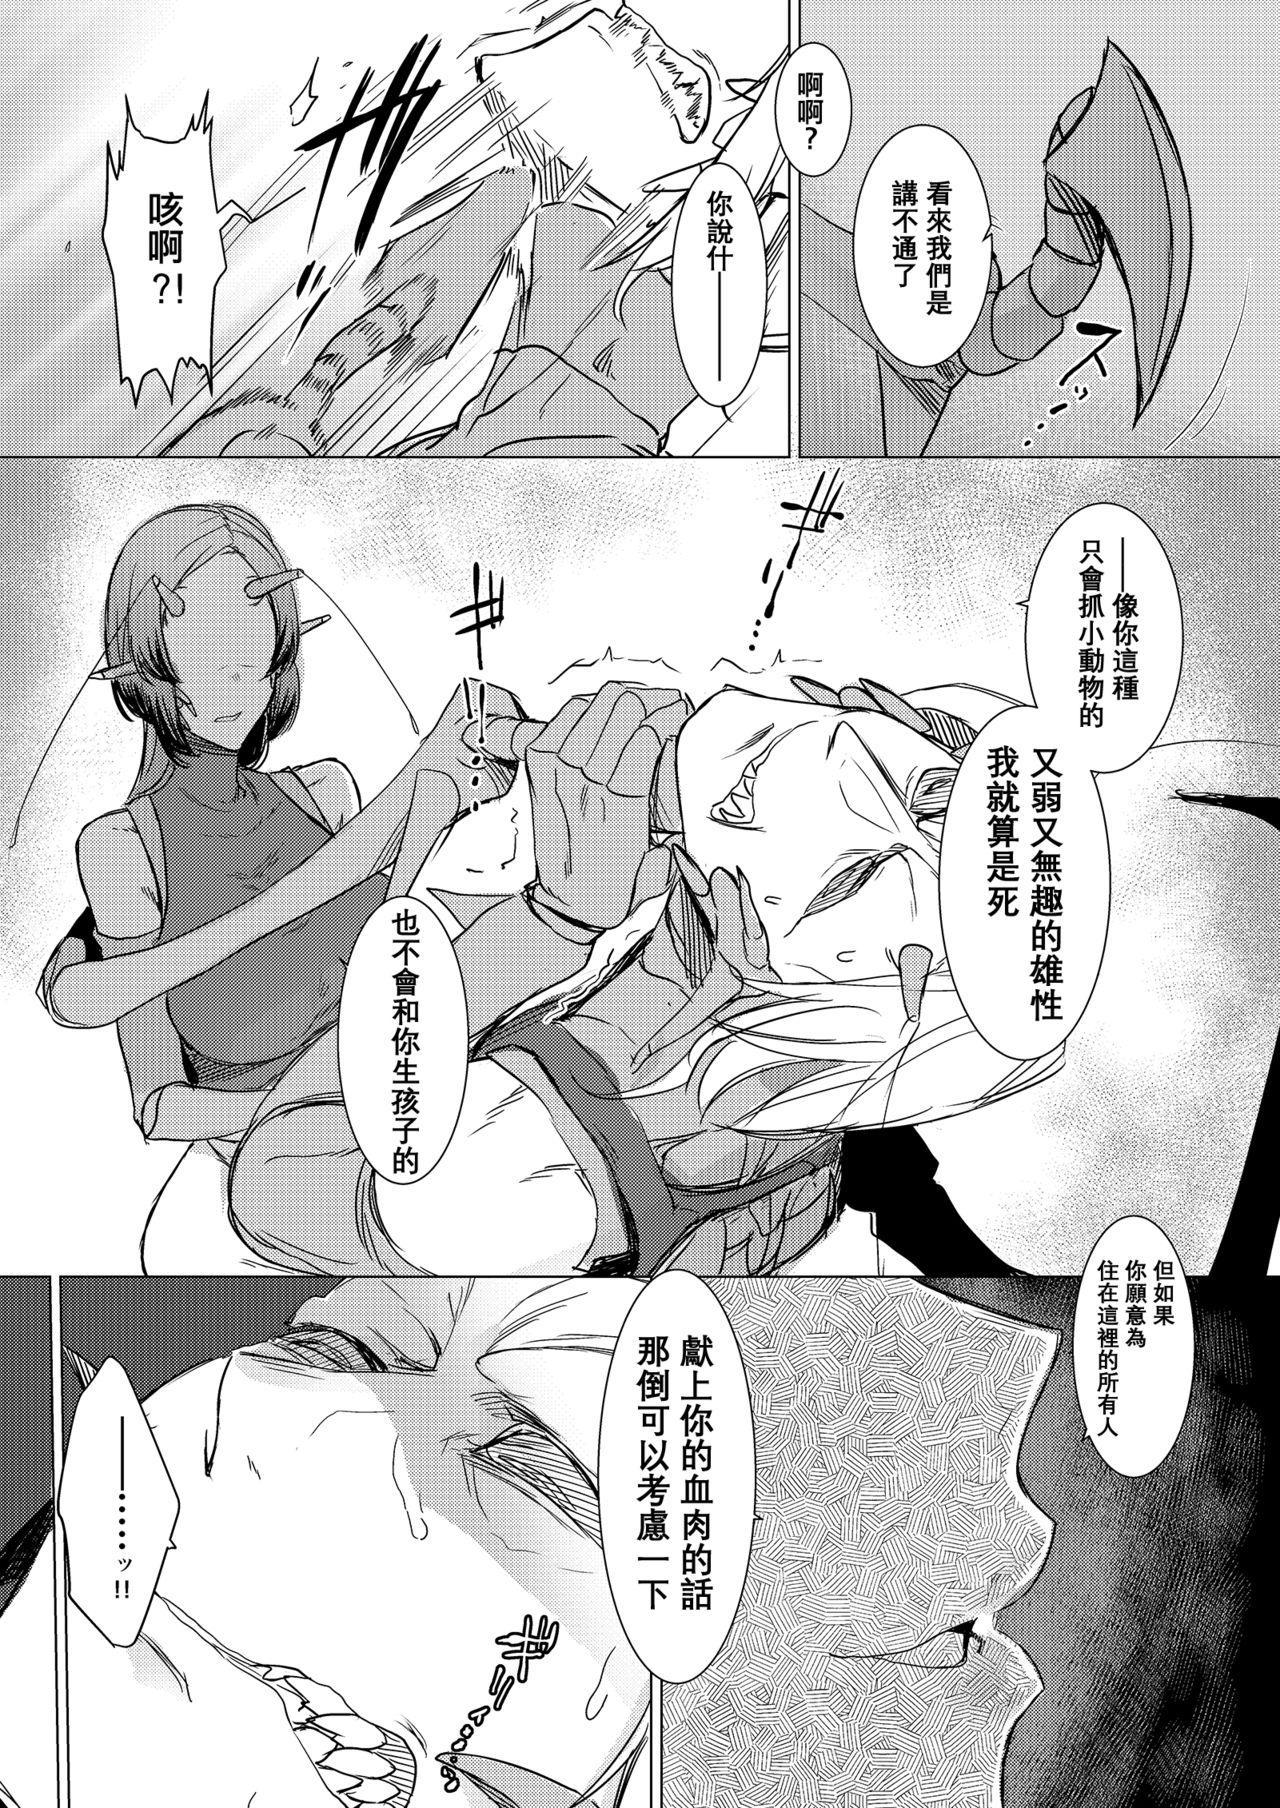 Niji no Ori 7